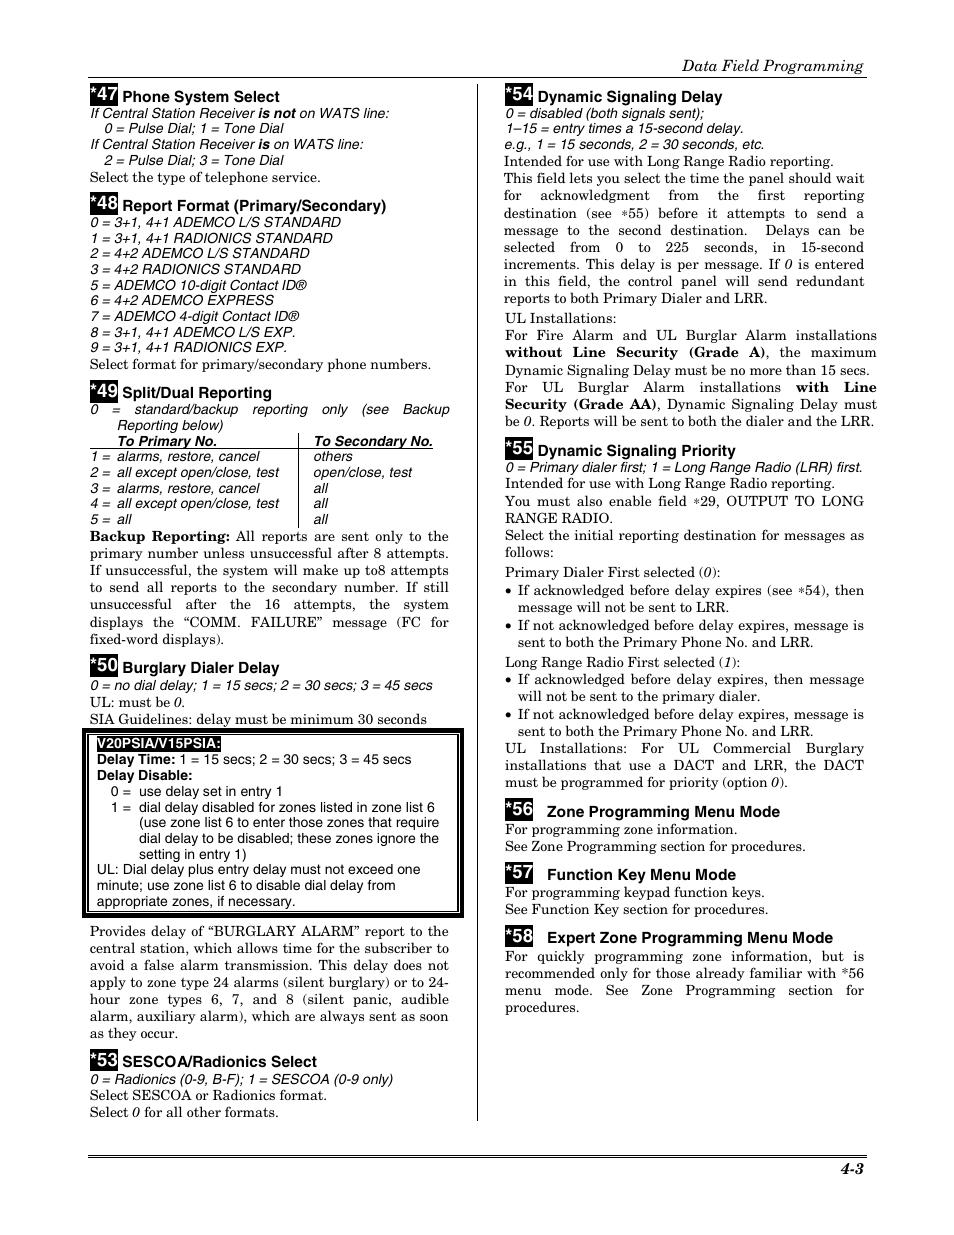 honeywell vista 20p user manual page 27 80 original mode rh manualsdir com vista 20p user guide pdf vista 20p user s manual